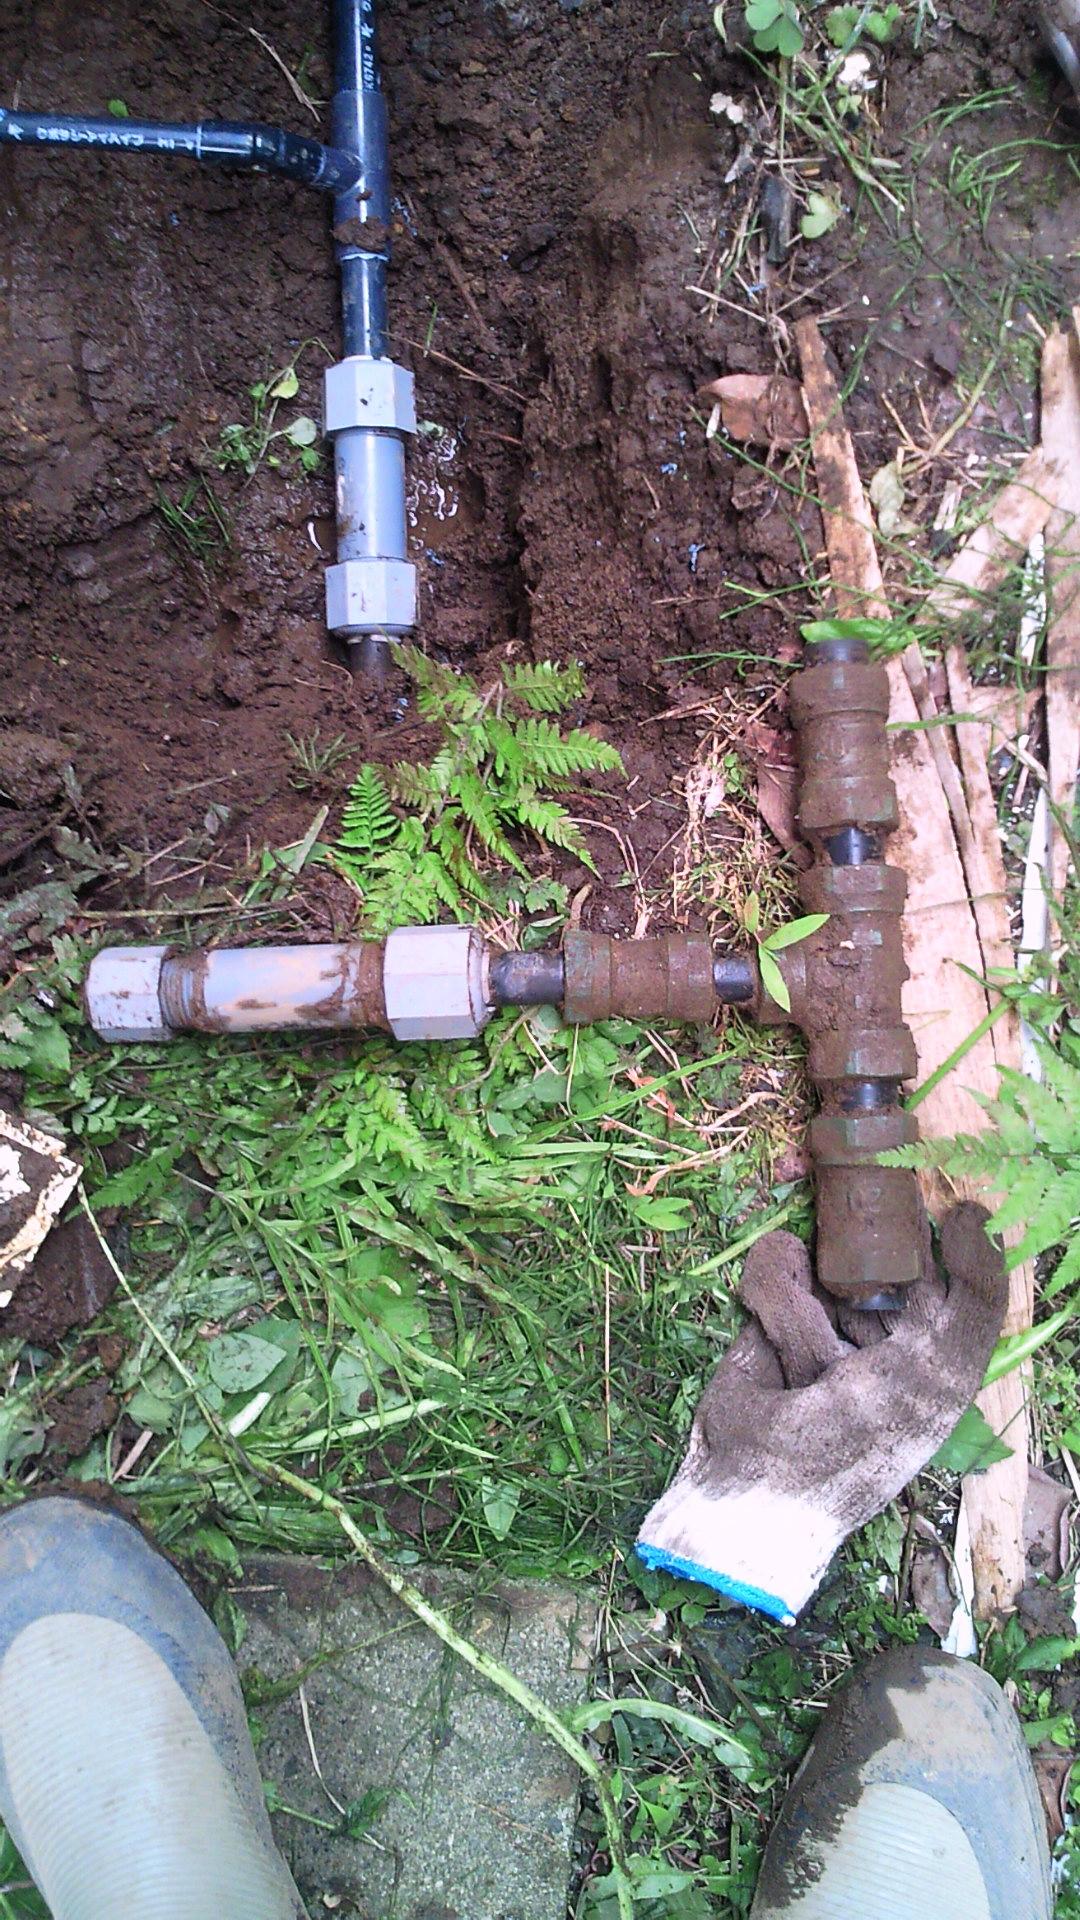 new style f922c 09f16 今日は地元のお客様より修理の依頼がありました 水道料金の検針で水道メーターのパイロットが回っていたらしく検針員の方に「たぶん 漏水してますよ  前回よりも水道 ...